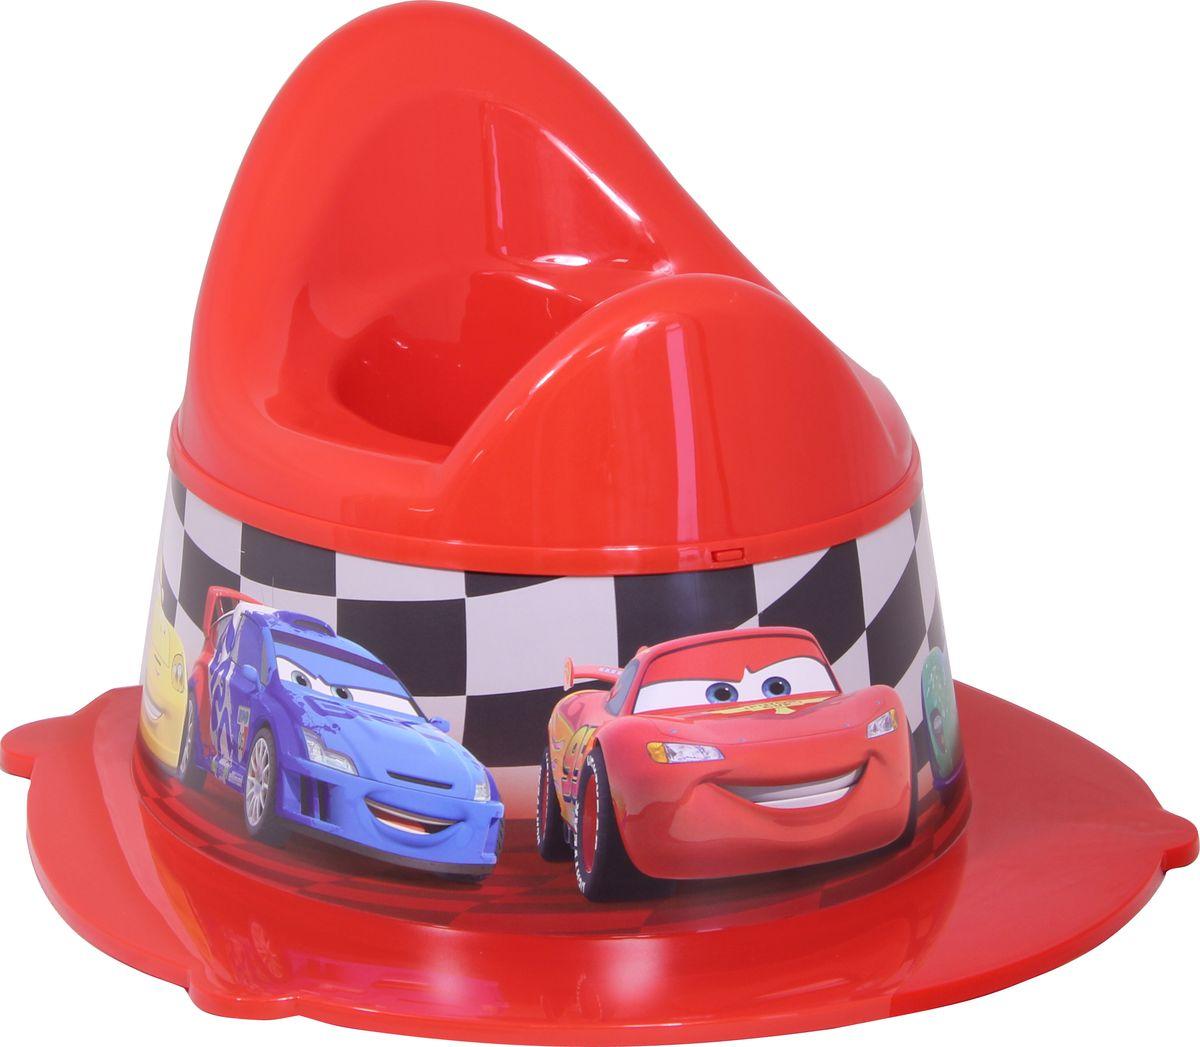 Фото Disney Горшок детский Деко цвет красный